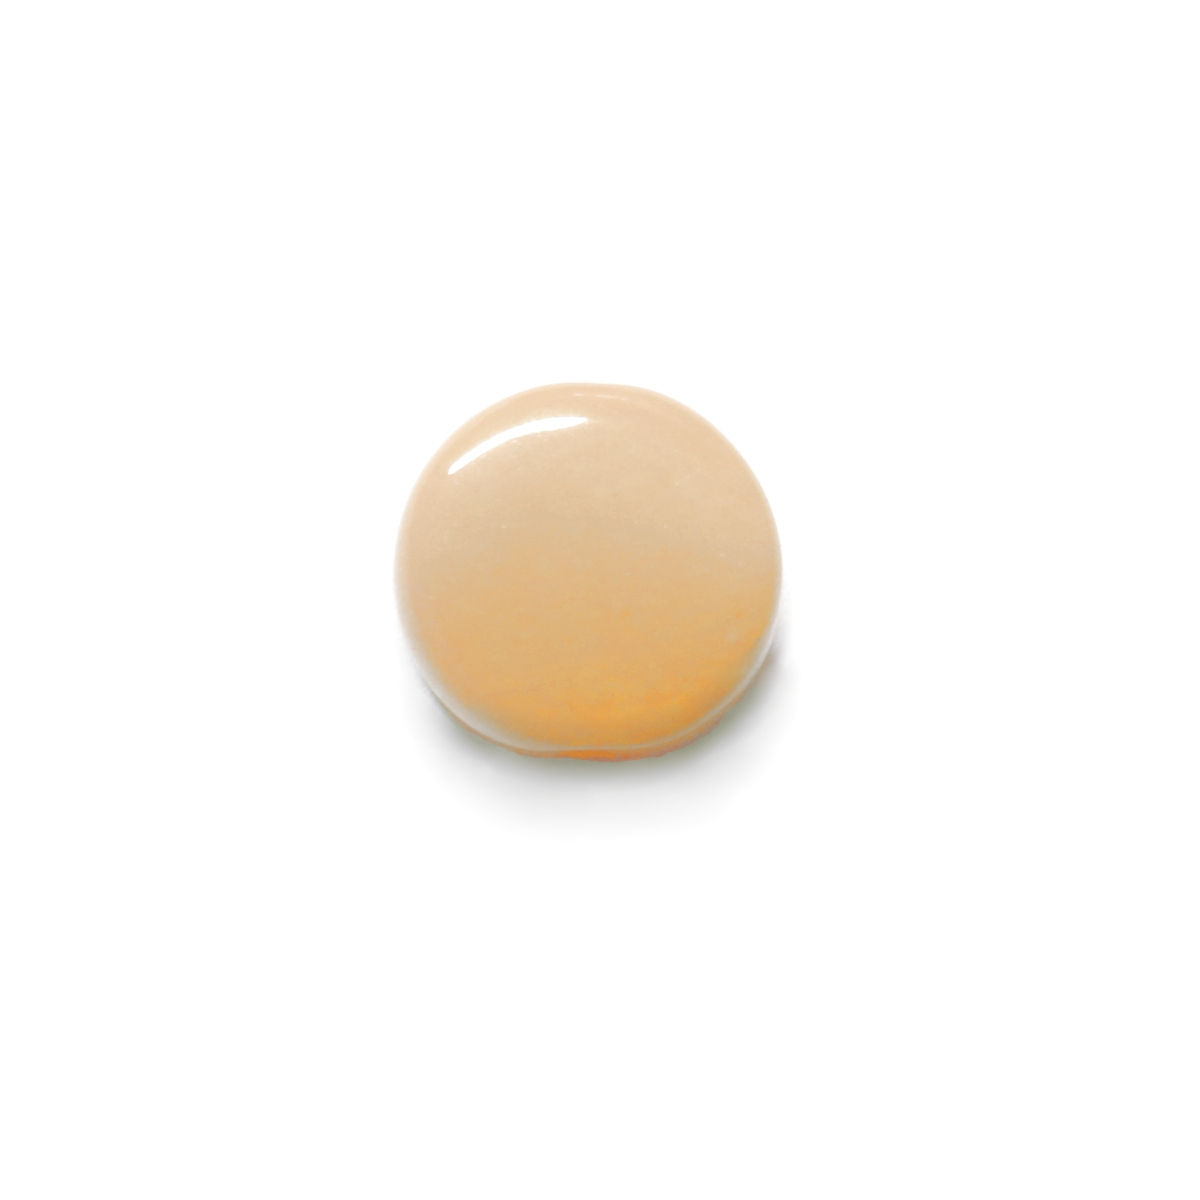 Glass Pill Shaped Bead 8x3mm - Opaque Beige